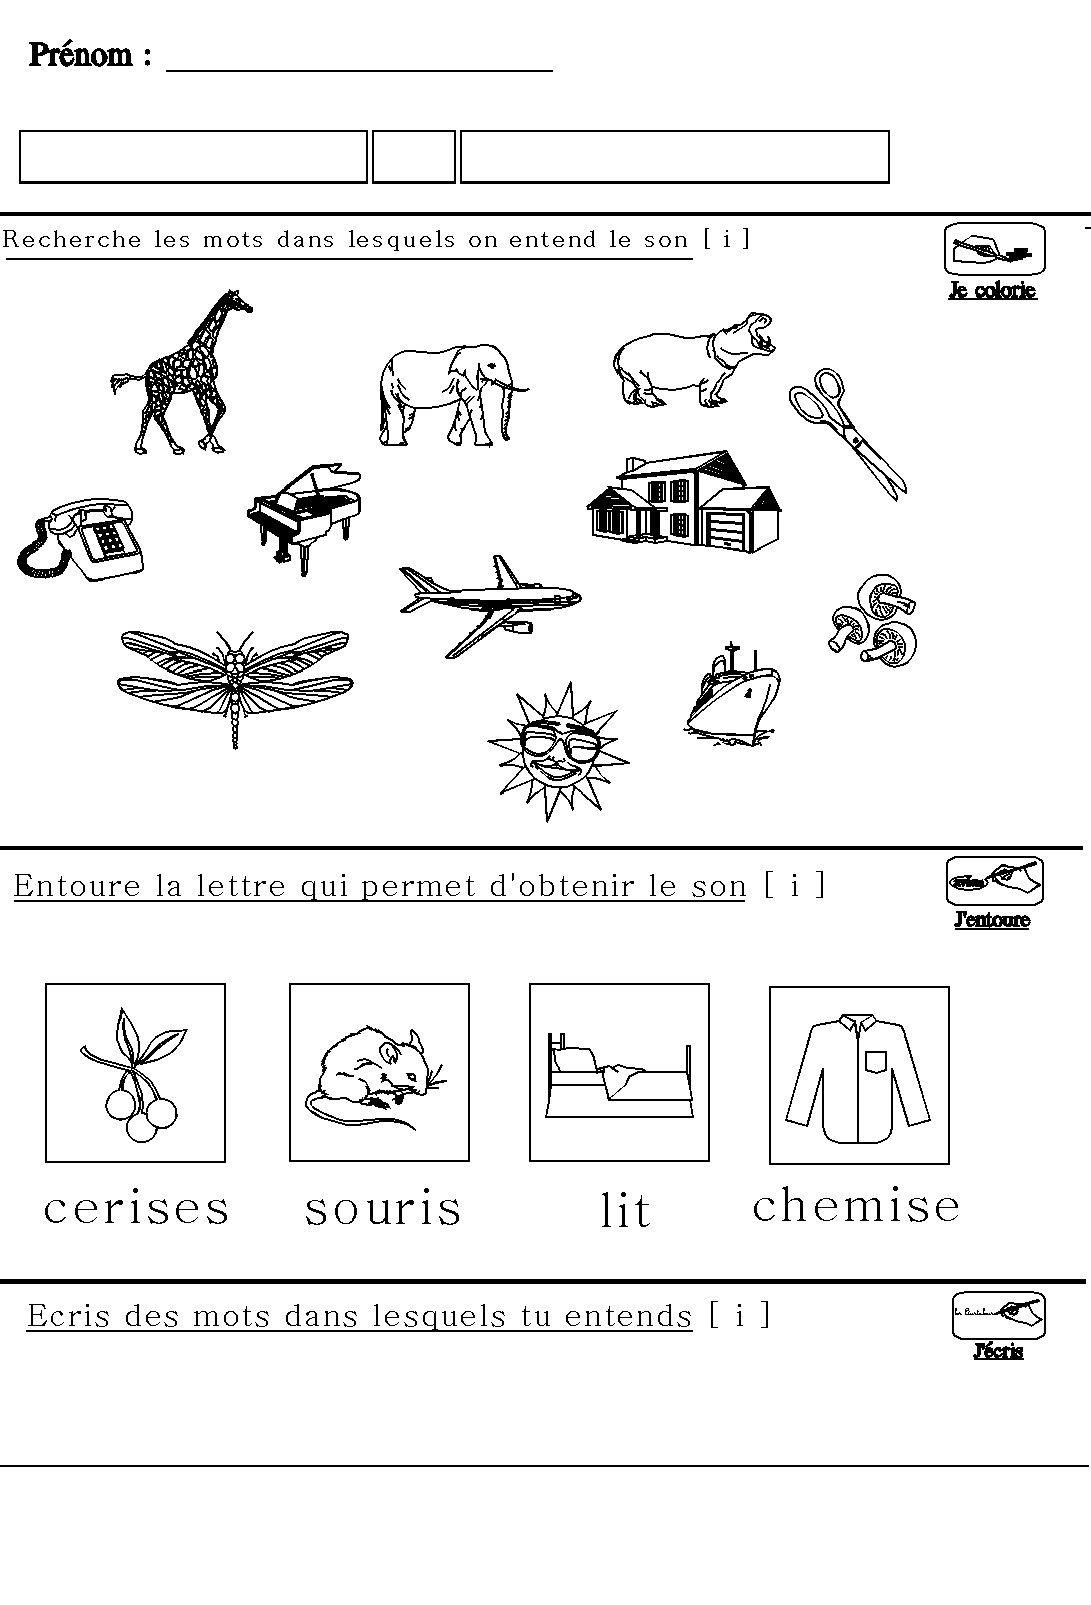 Apprendre À Lire En Maternelle : Le Son [I] Pour Maternelle concernant Exercice Pour Apprendre A Lire